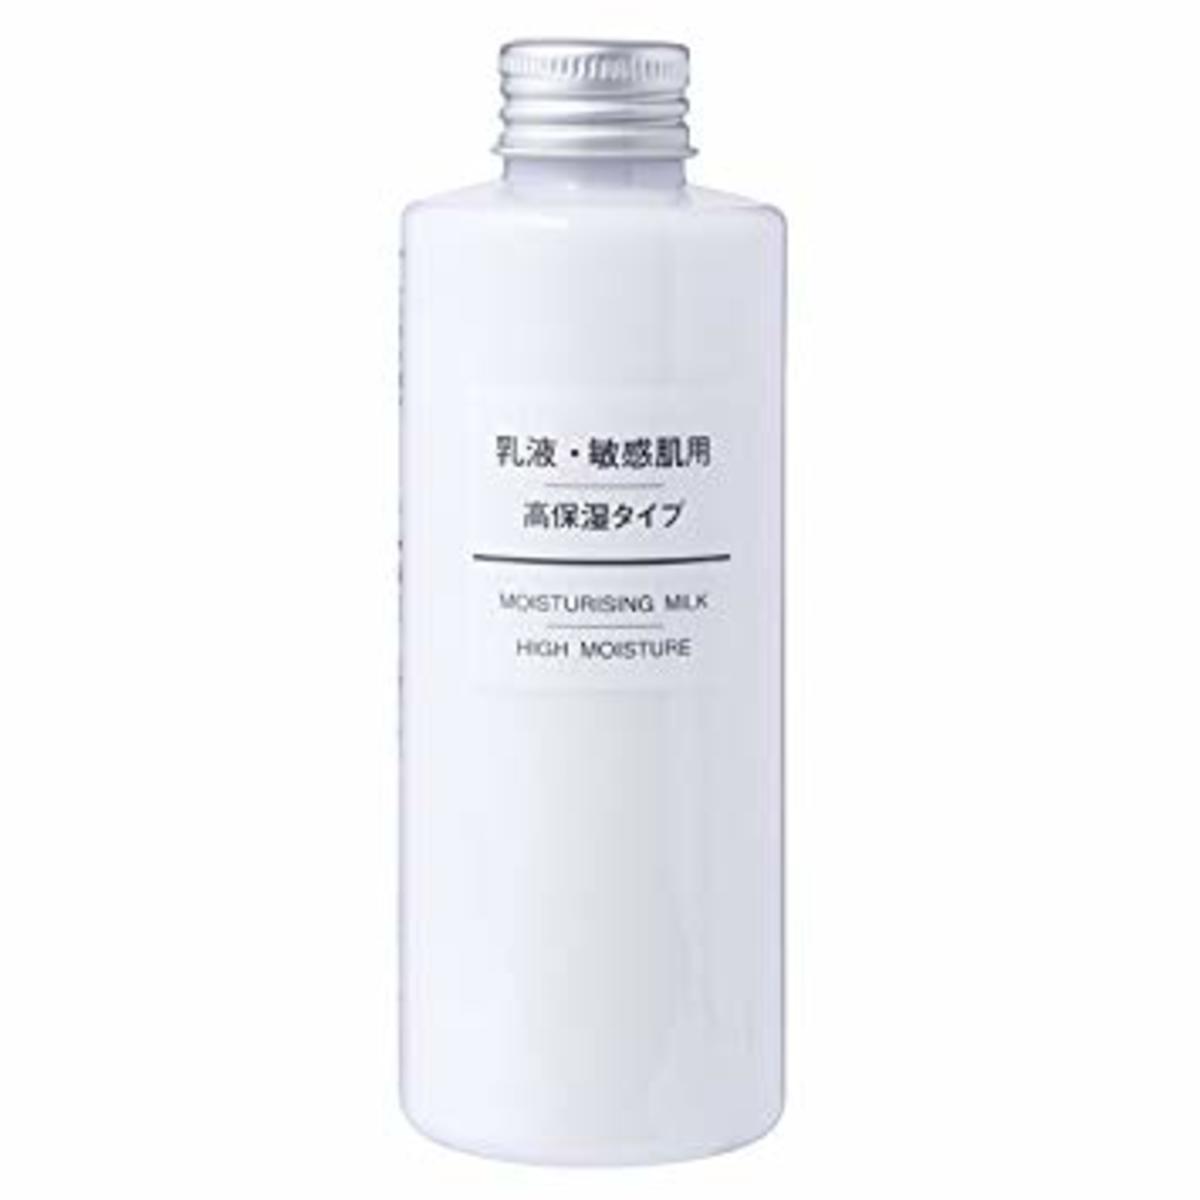 敏感肌滋潤乳液(高保濕) 200ml